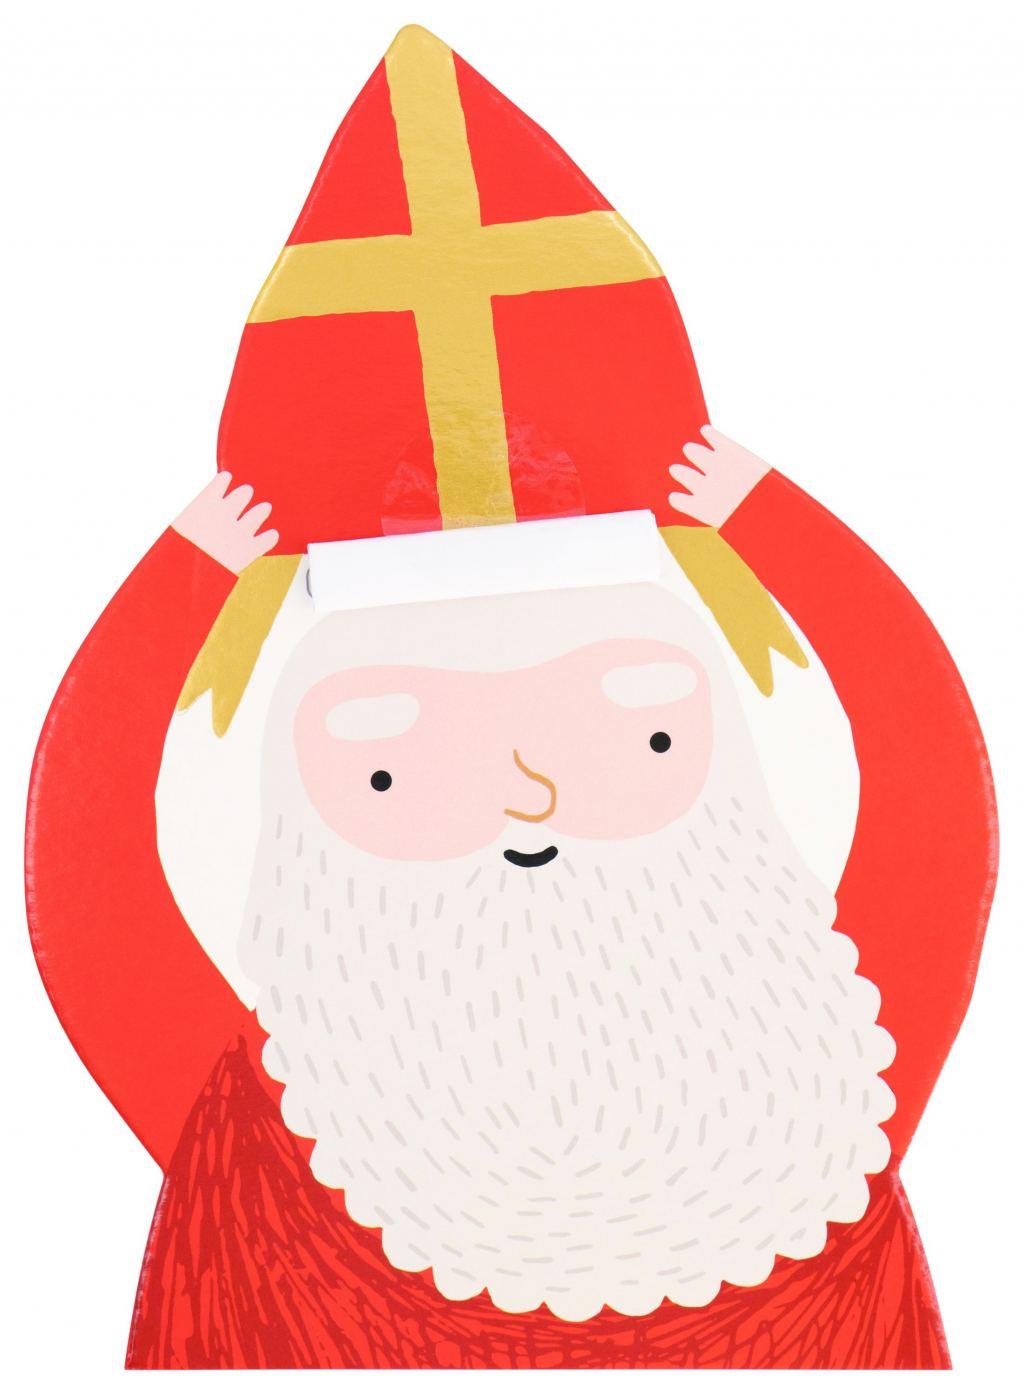 Sinterklaas_Piet_mamablogger_HEMA_nieuwe_collectie_2020_